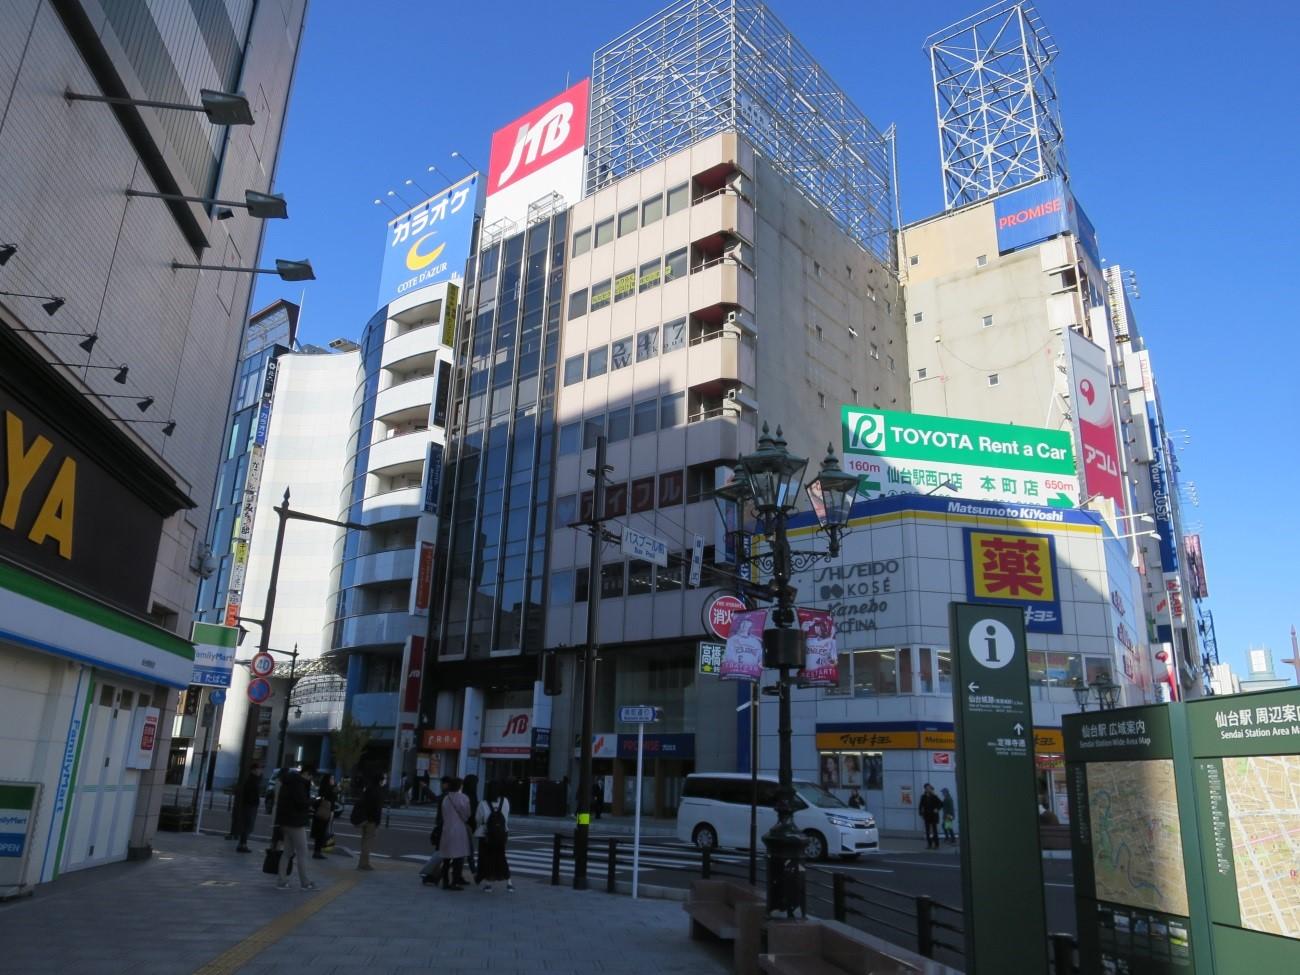 横断歩道を渡って 薬 マツモトキヨシ の2軒隣りのビルです。